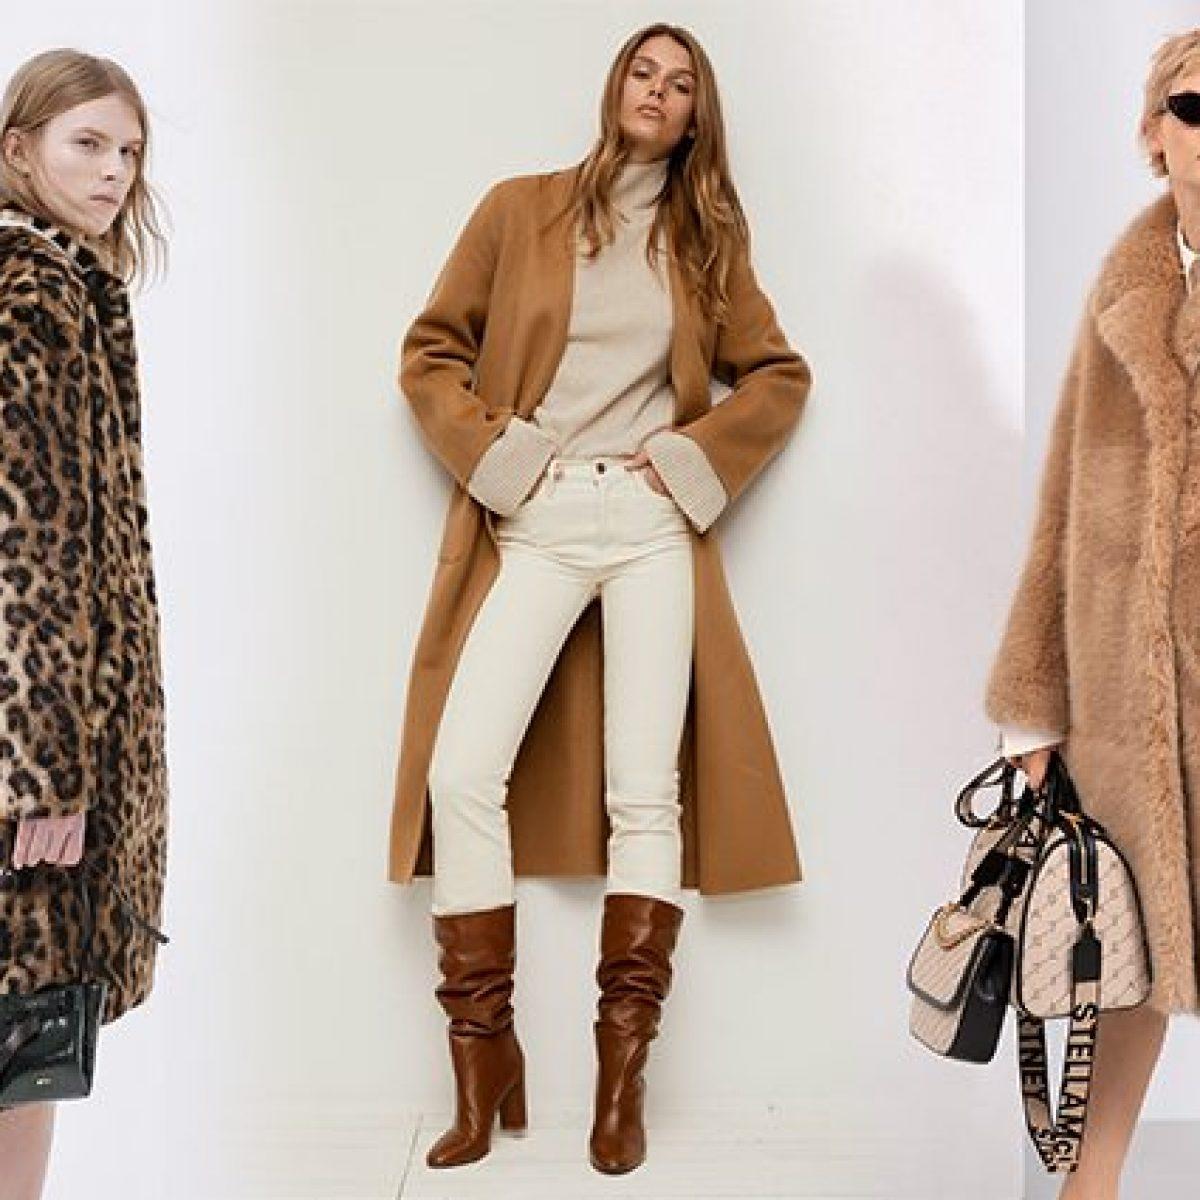 come il cappotto su abiti lunghi